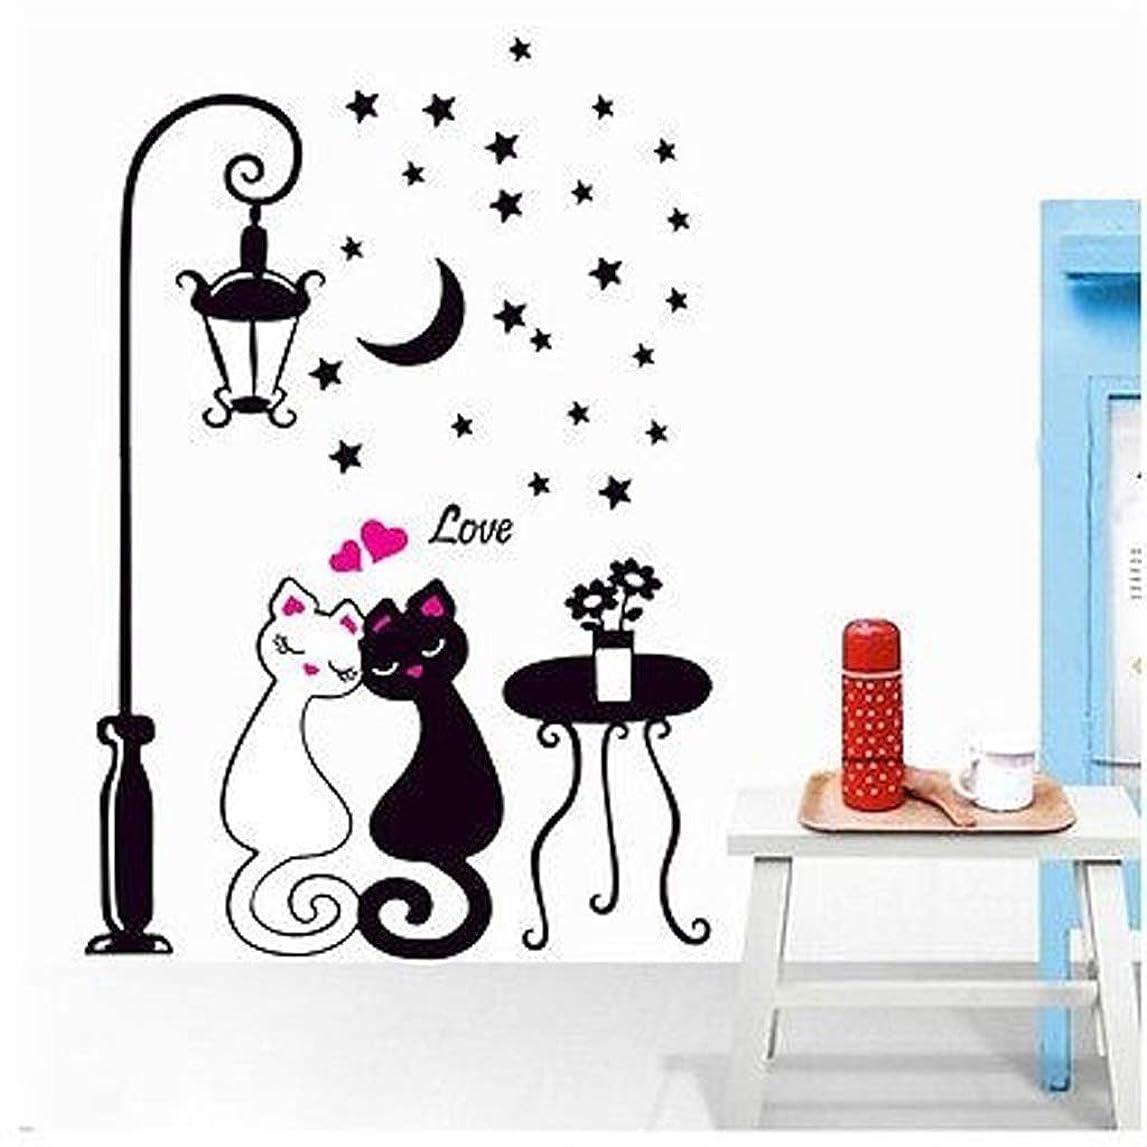 オーバーラン腸フェデレーションラオハオ 愛猫カップル街灯月夜壁ステッカーデカールビニールアーティスト住宅装飾 壁画ステッカー